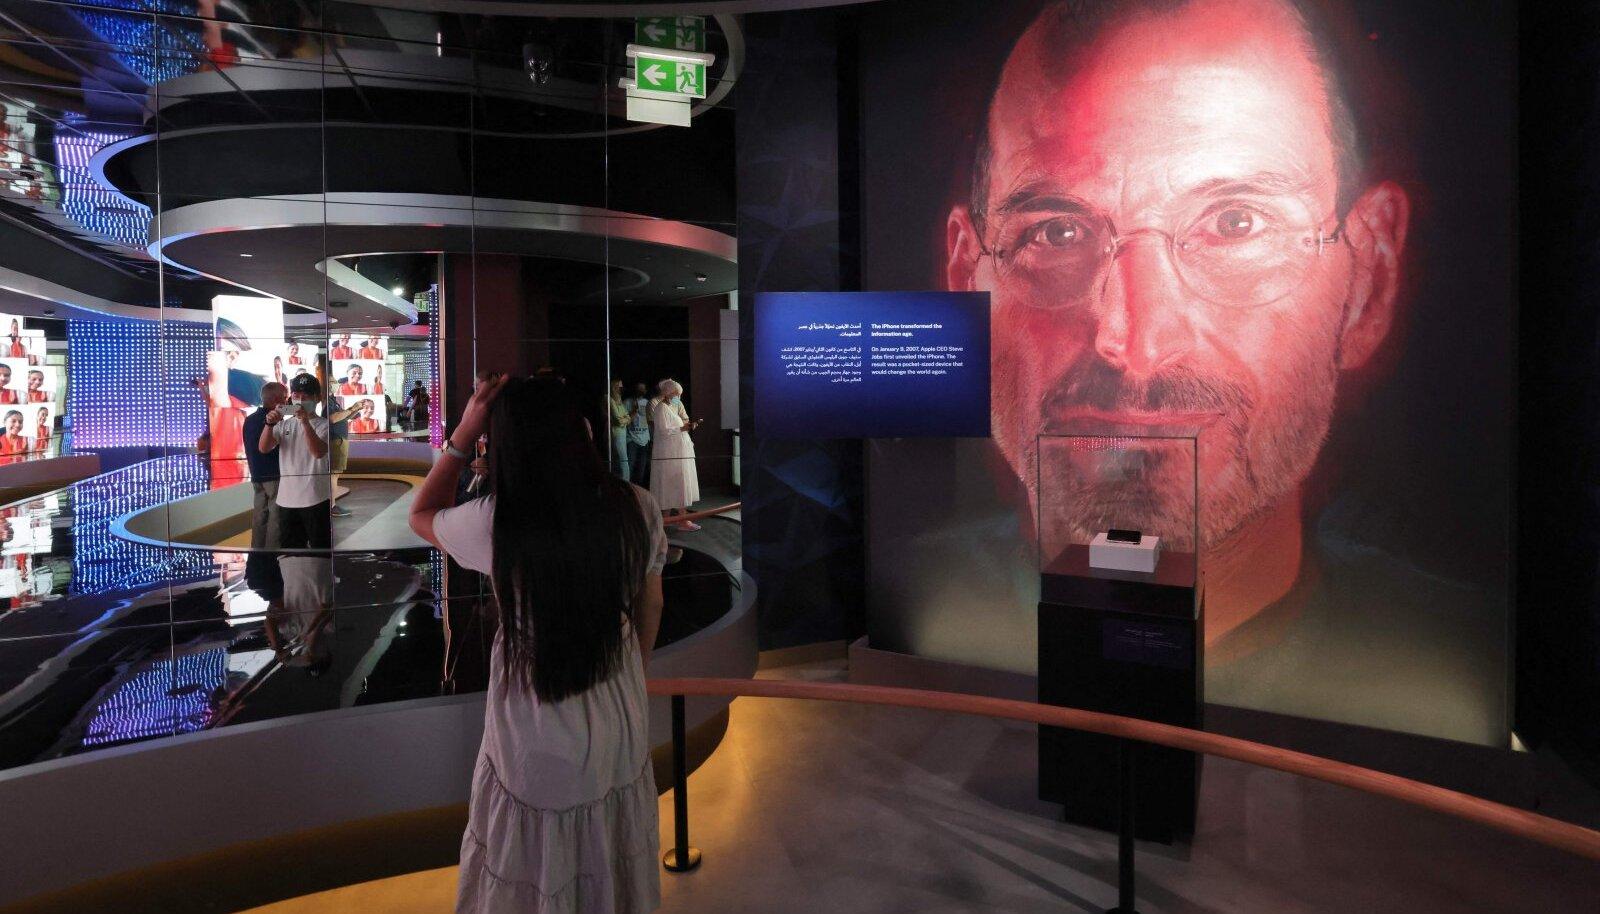 Apple'i asutaja ja varajase tegevjuhi Steve Jobsi kuvand USA paviljonil Dubai Expol aastal 2020